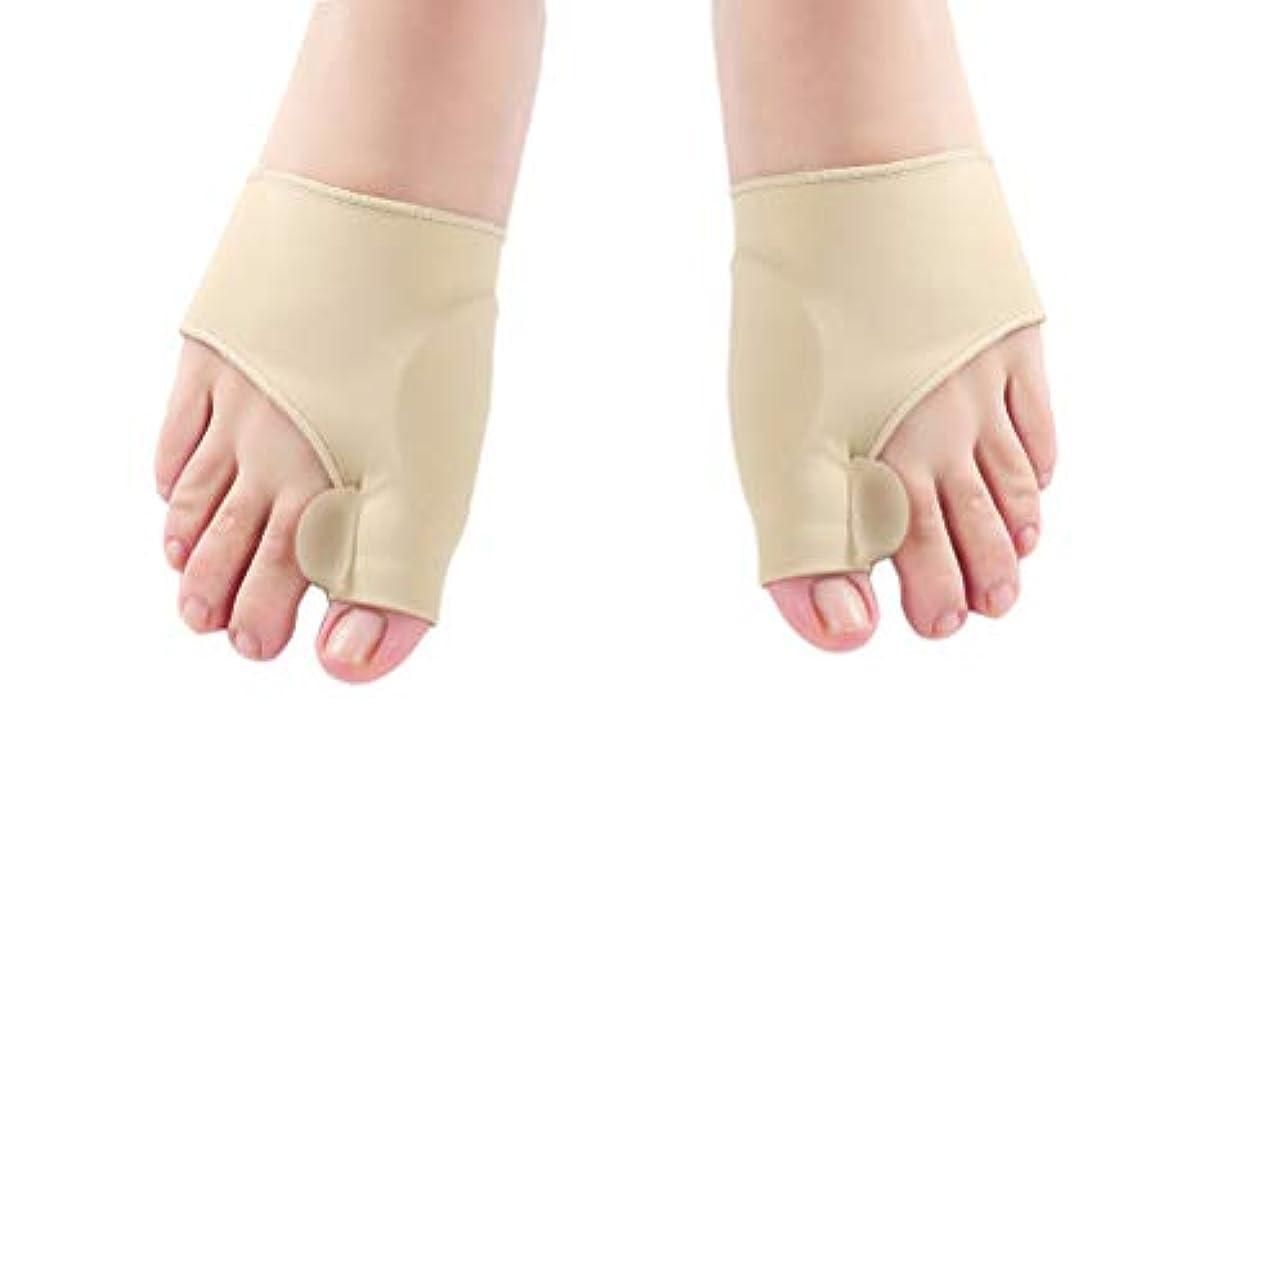 盗難マイルド移行するHealifty un補正器のつま先の整形外科の外反母趾の補正子のつま先の整形外科の腱の副木の親指の区切り記号の昼と夜の使用のための痛みの軽減 - サイズL(カーキ)